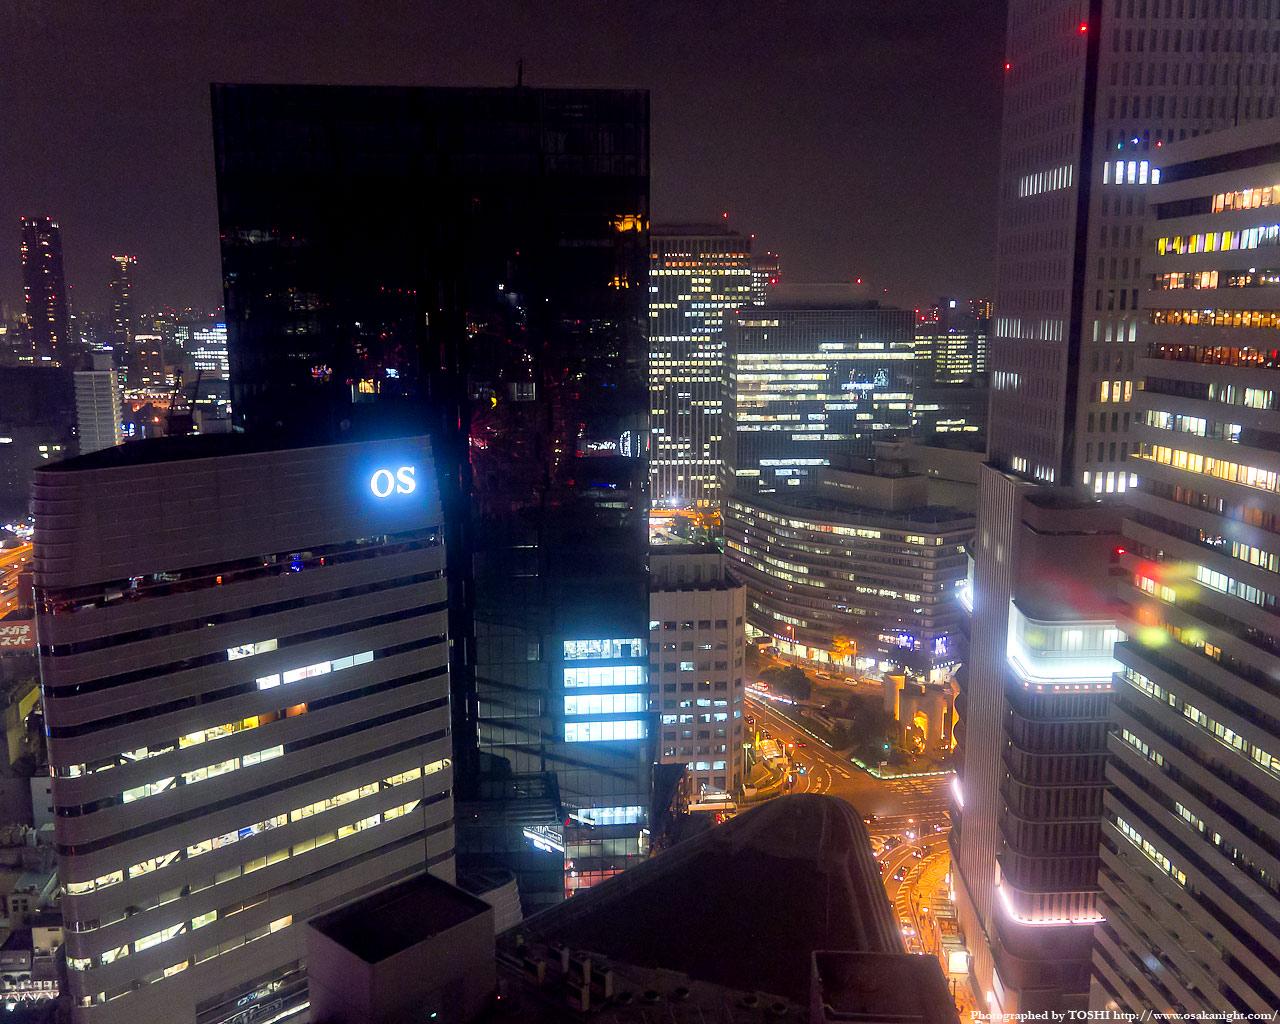 大阪駅前ダイヤモンド地区方面の夜景1